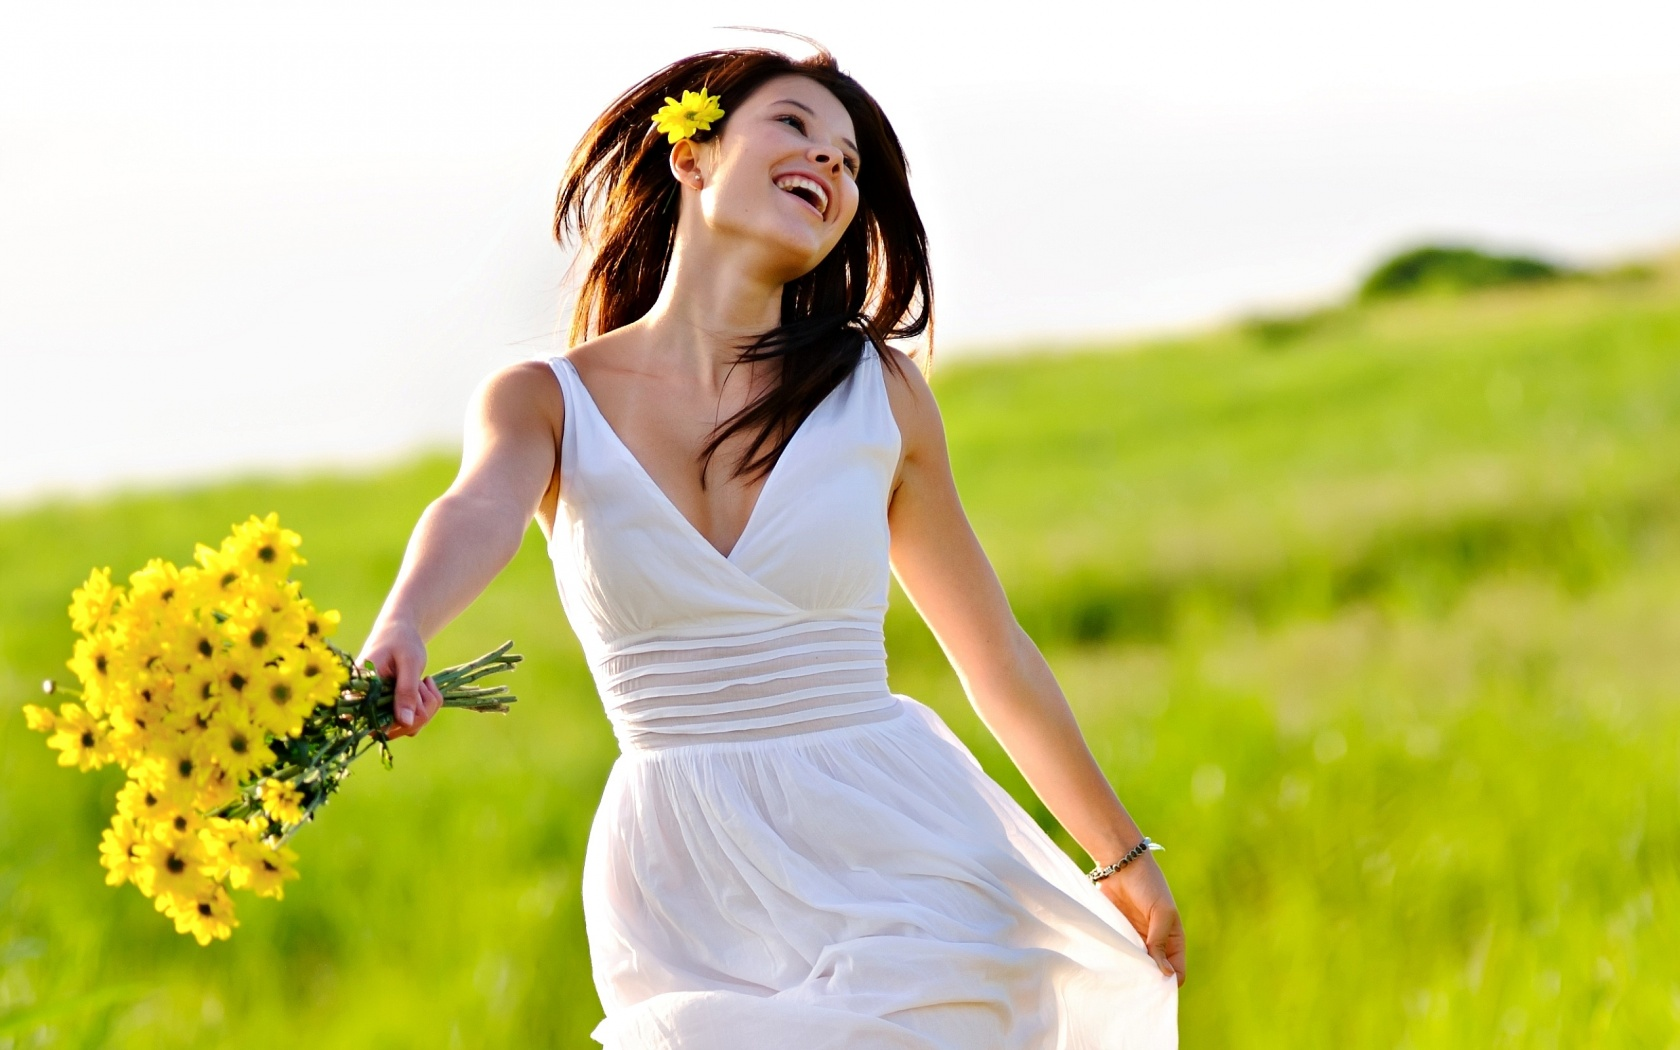 Эйфория приходит внезапно и сопровождается замедлением мыслительной и двигательной активности. Однако, несмотря на мгновенность наступления, проявляться данное качество личности может довольно долго. Поэтому большинство медиков считают, что длительное ощущение счастья – нездоровое проявление психики